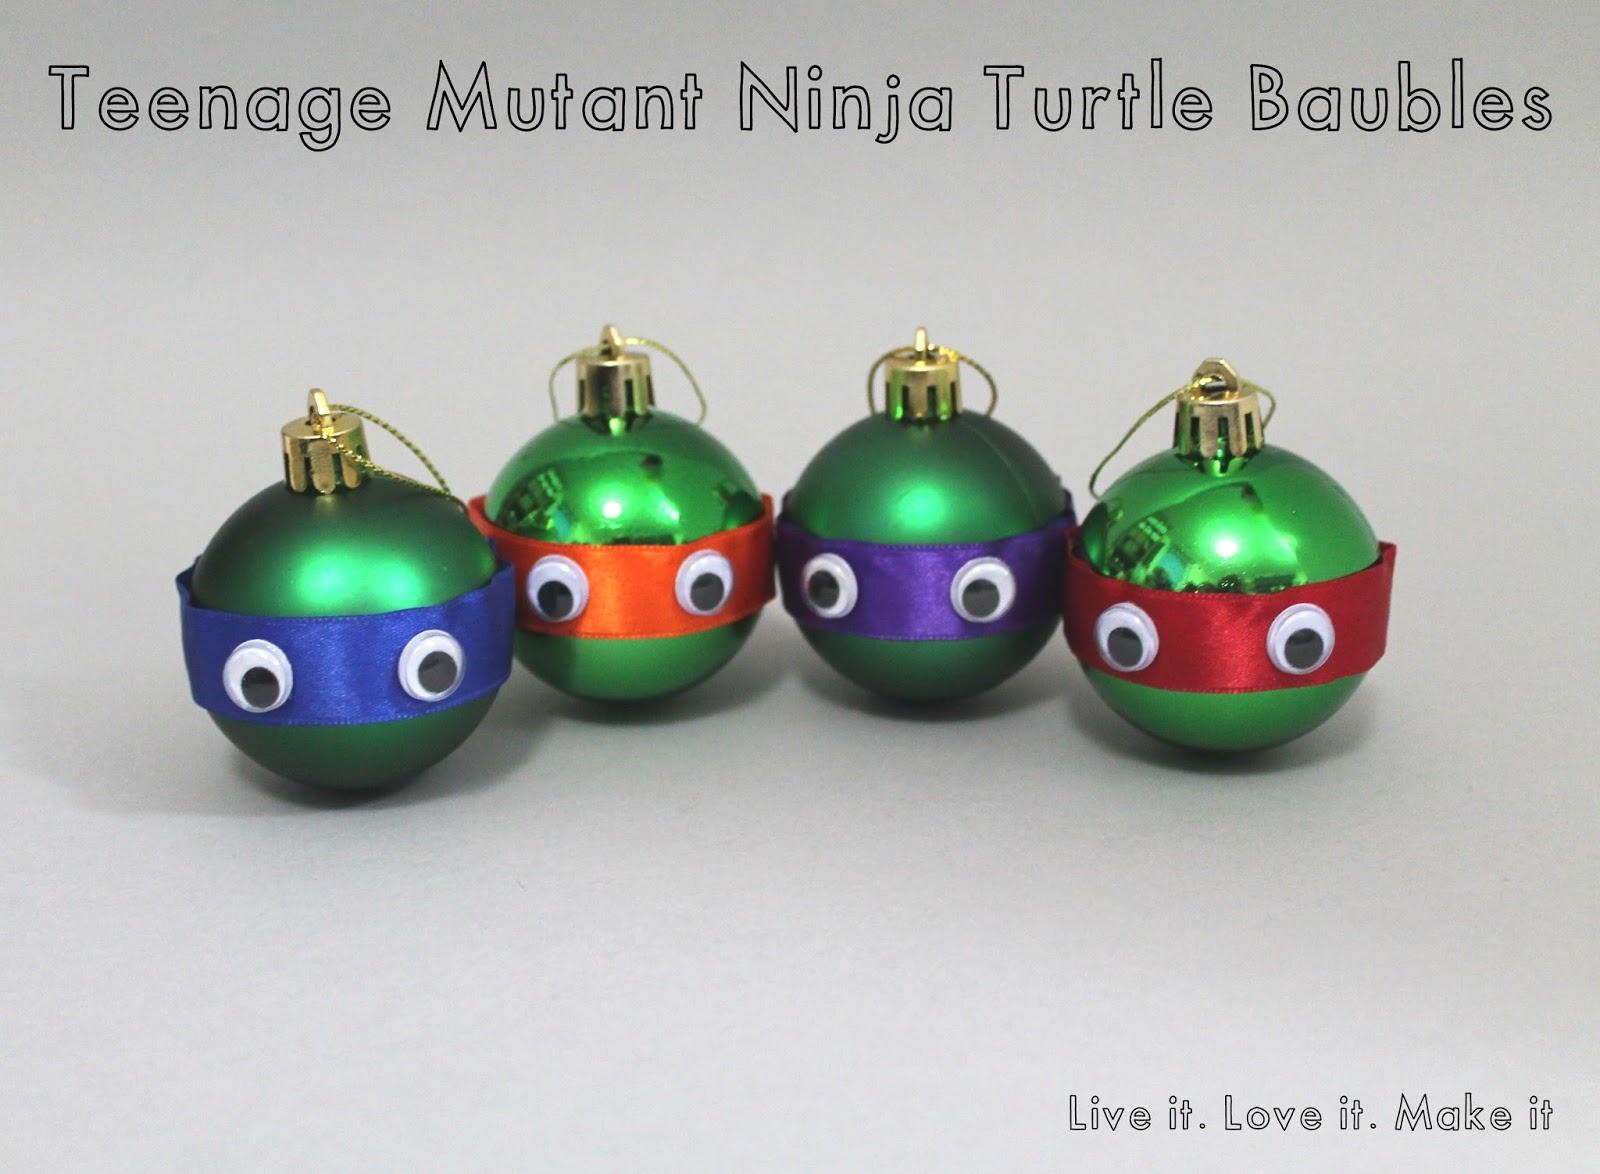 Teenage Mutant Ninja Turtle Baubles